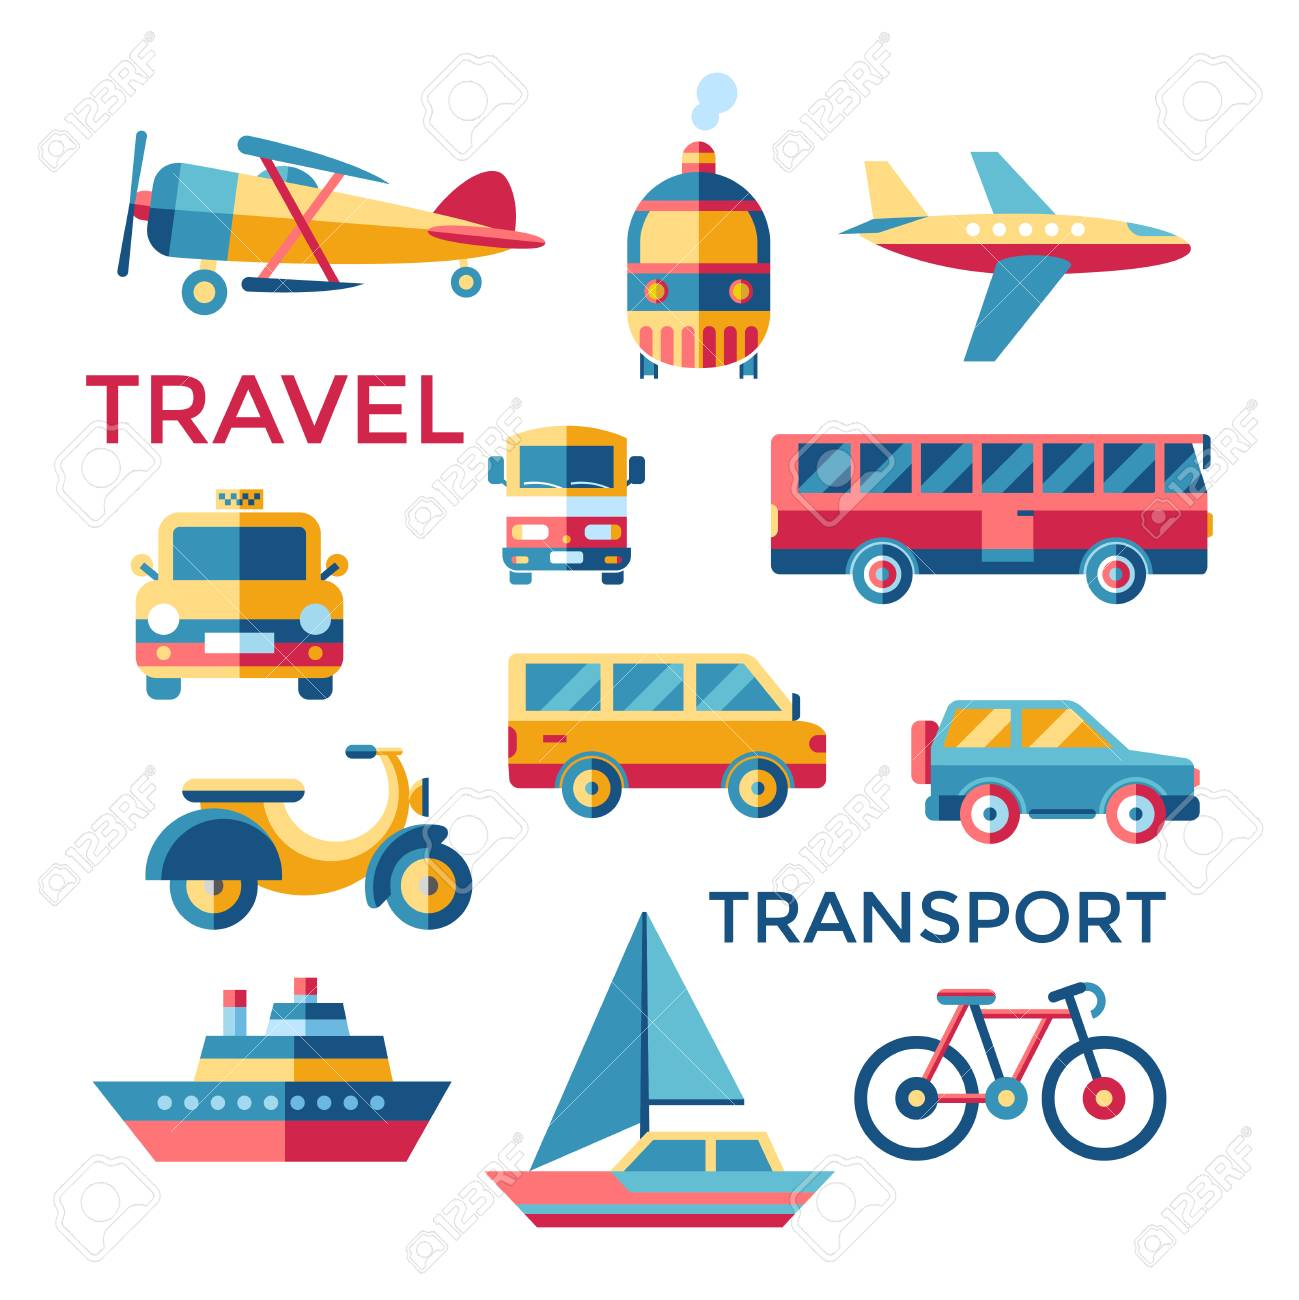 Digital Vector Bleu Rouge Jaune Transport Icônes De Voyage Serti De Dessin Simple Ligne Art Info Graphique Présentation Avec Voiture Tram Et Taxi